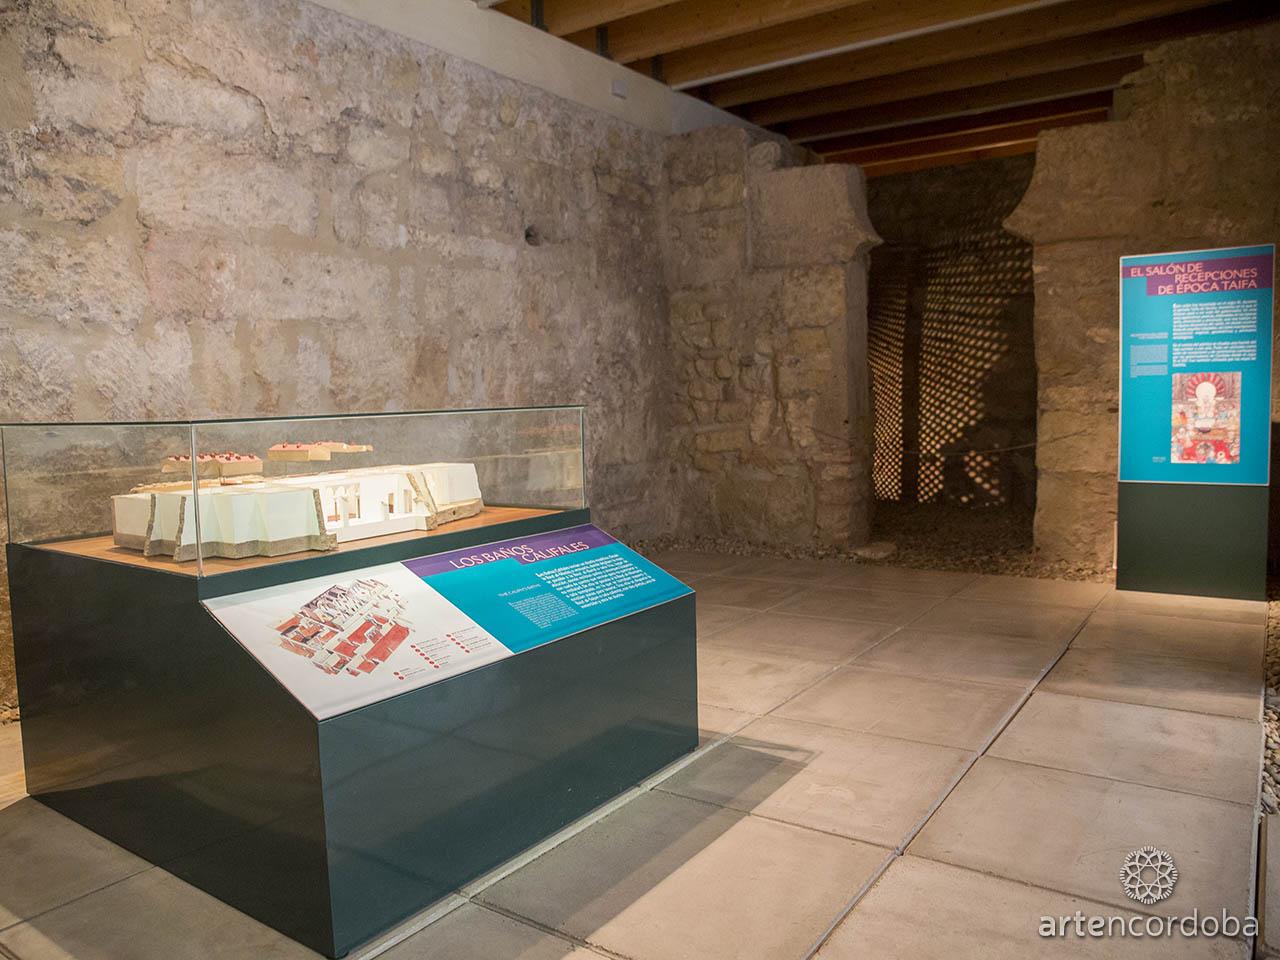 Sala dedicada al 'Baño Taifa' en los Baños Árabes del Alcázar Califal (Baños Califales) de Córdoba